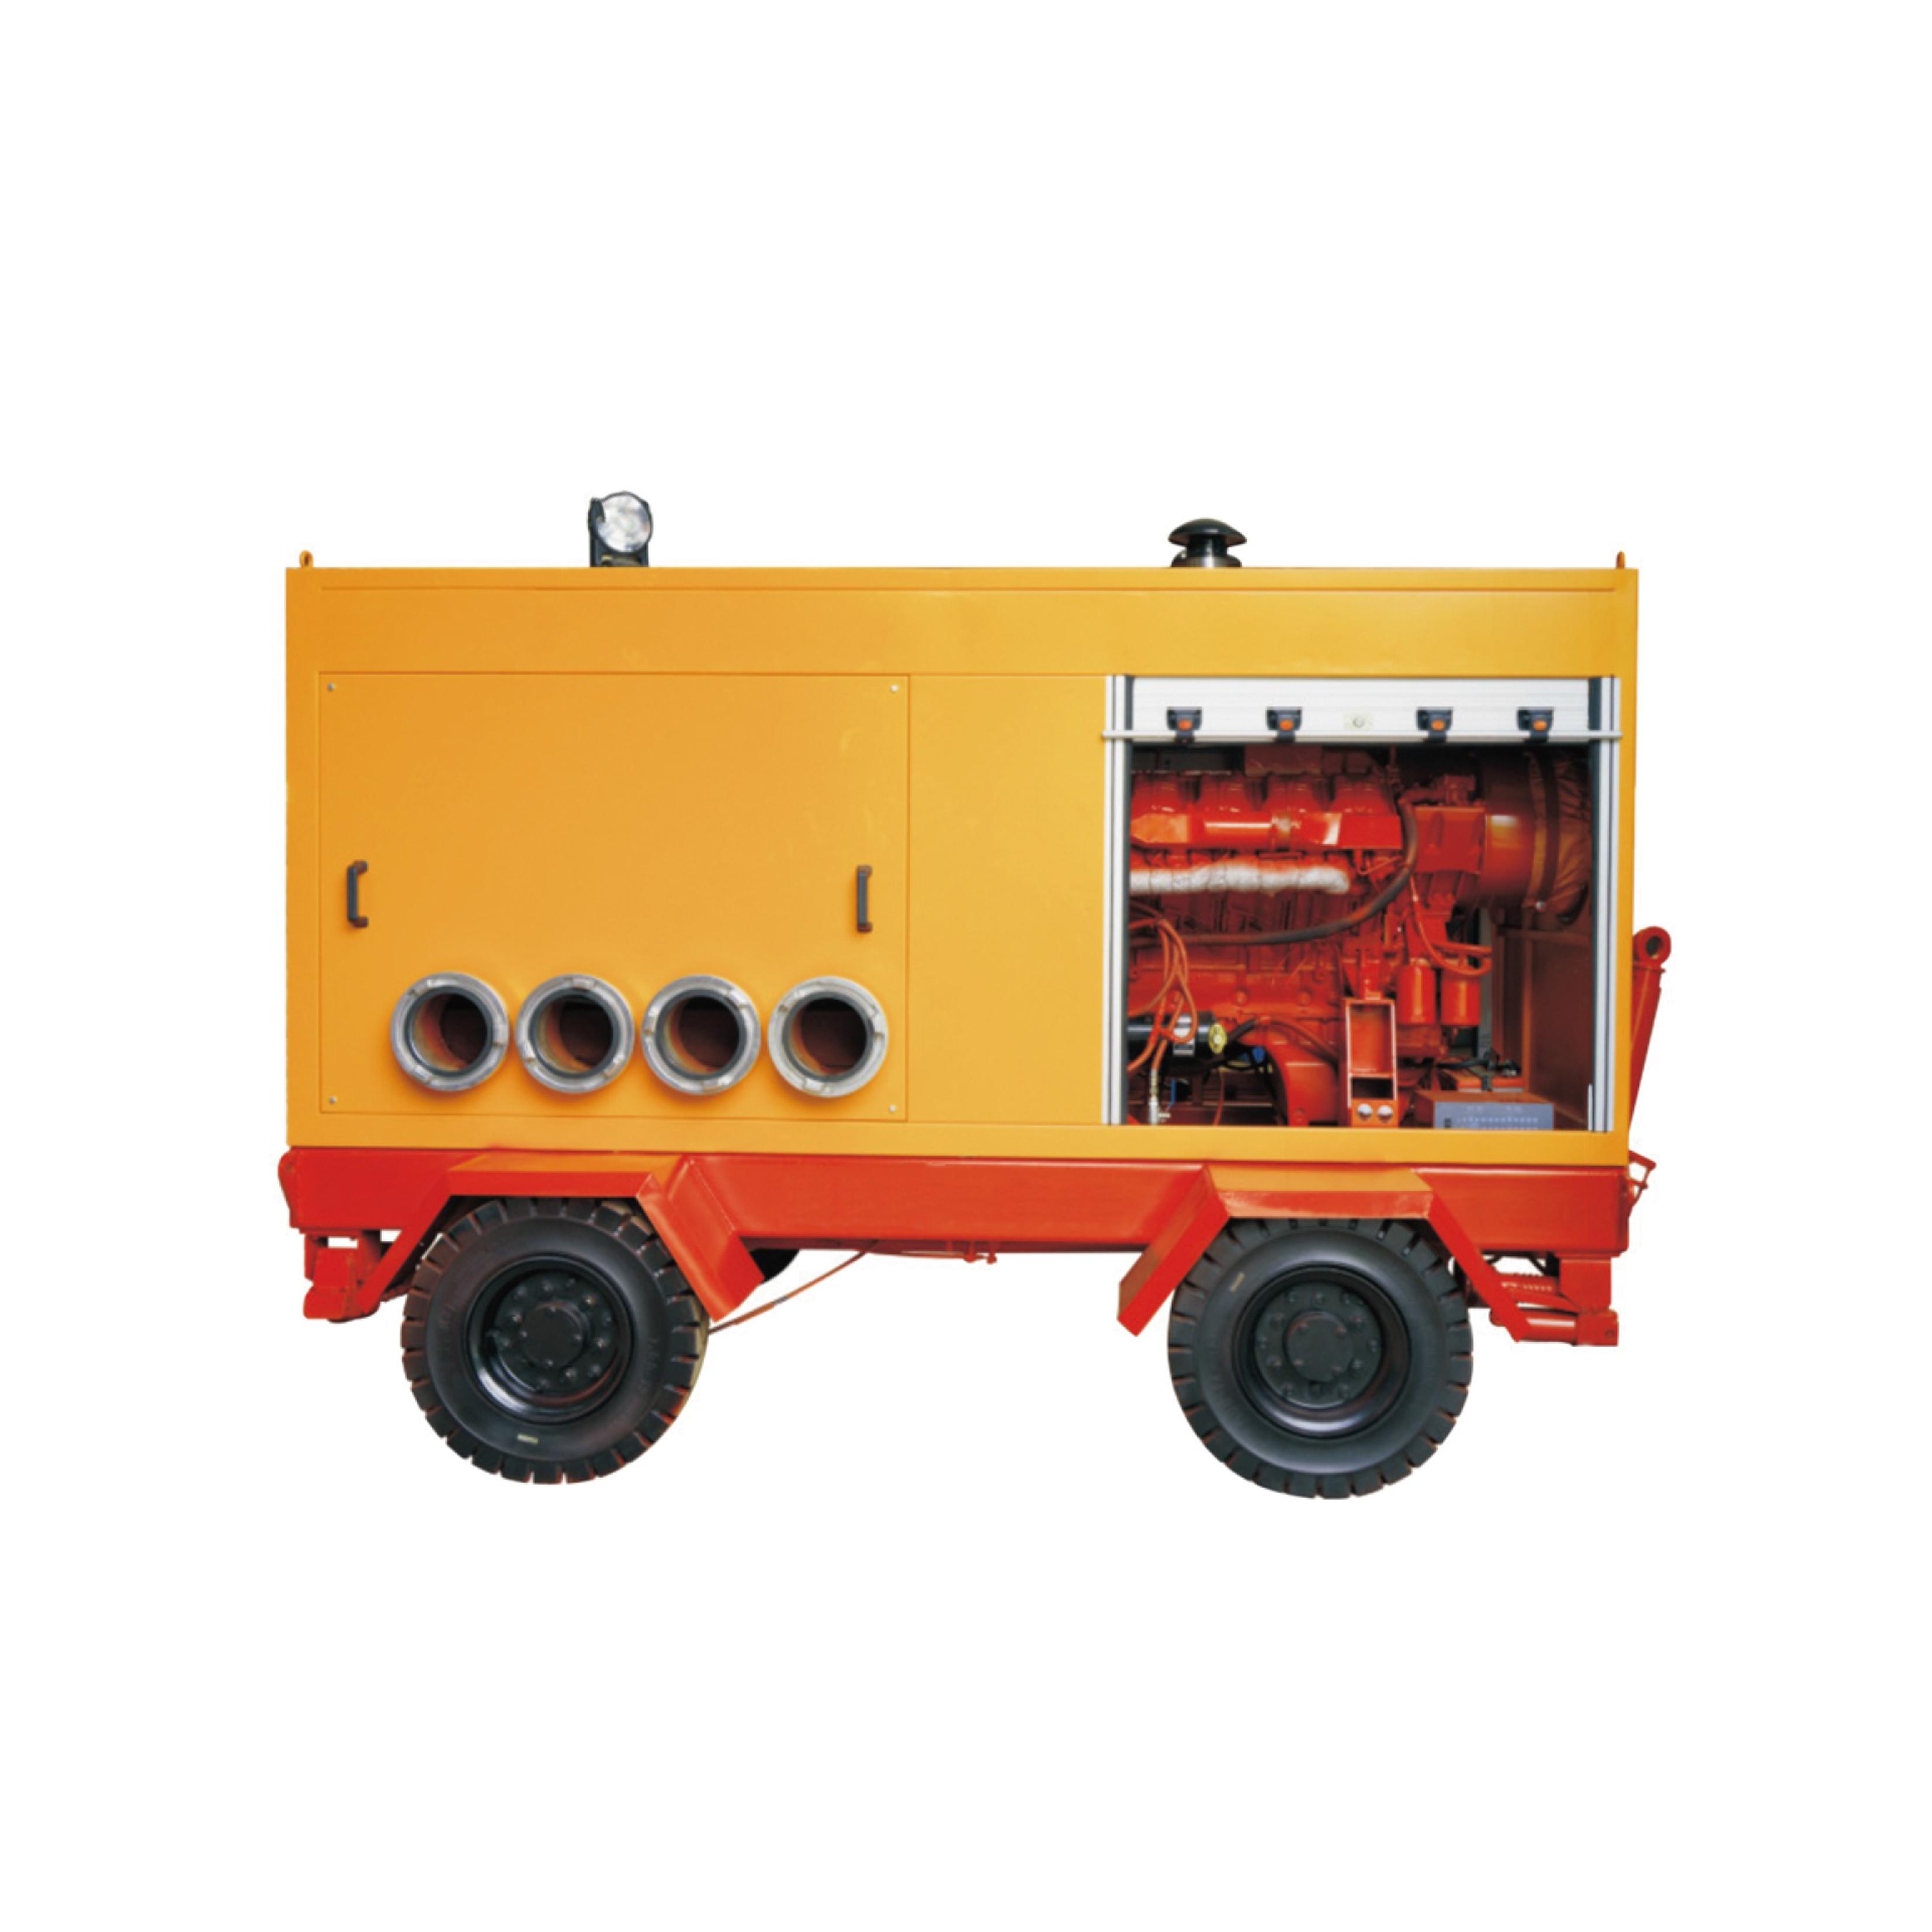 海水提升泵1.jpg